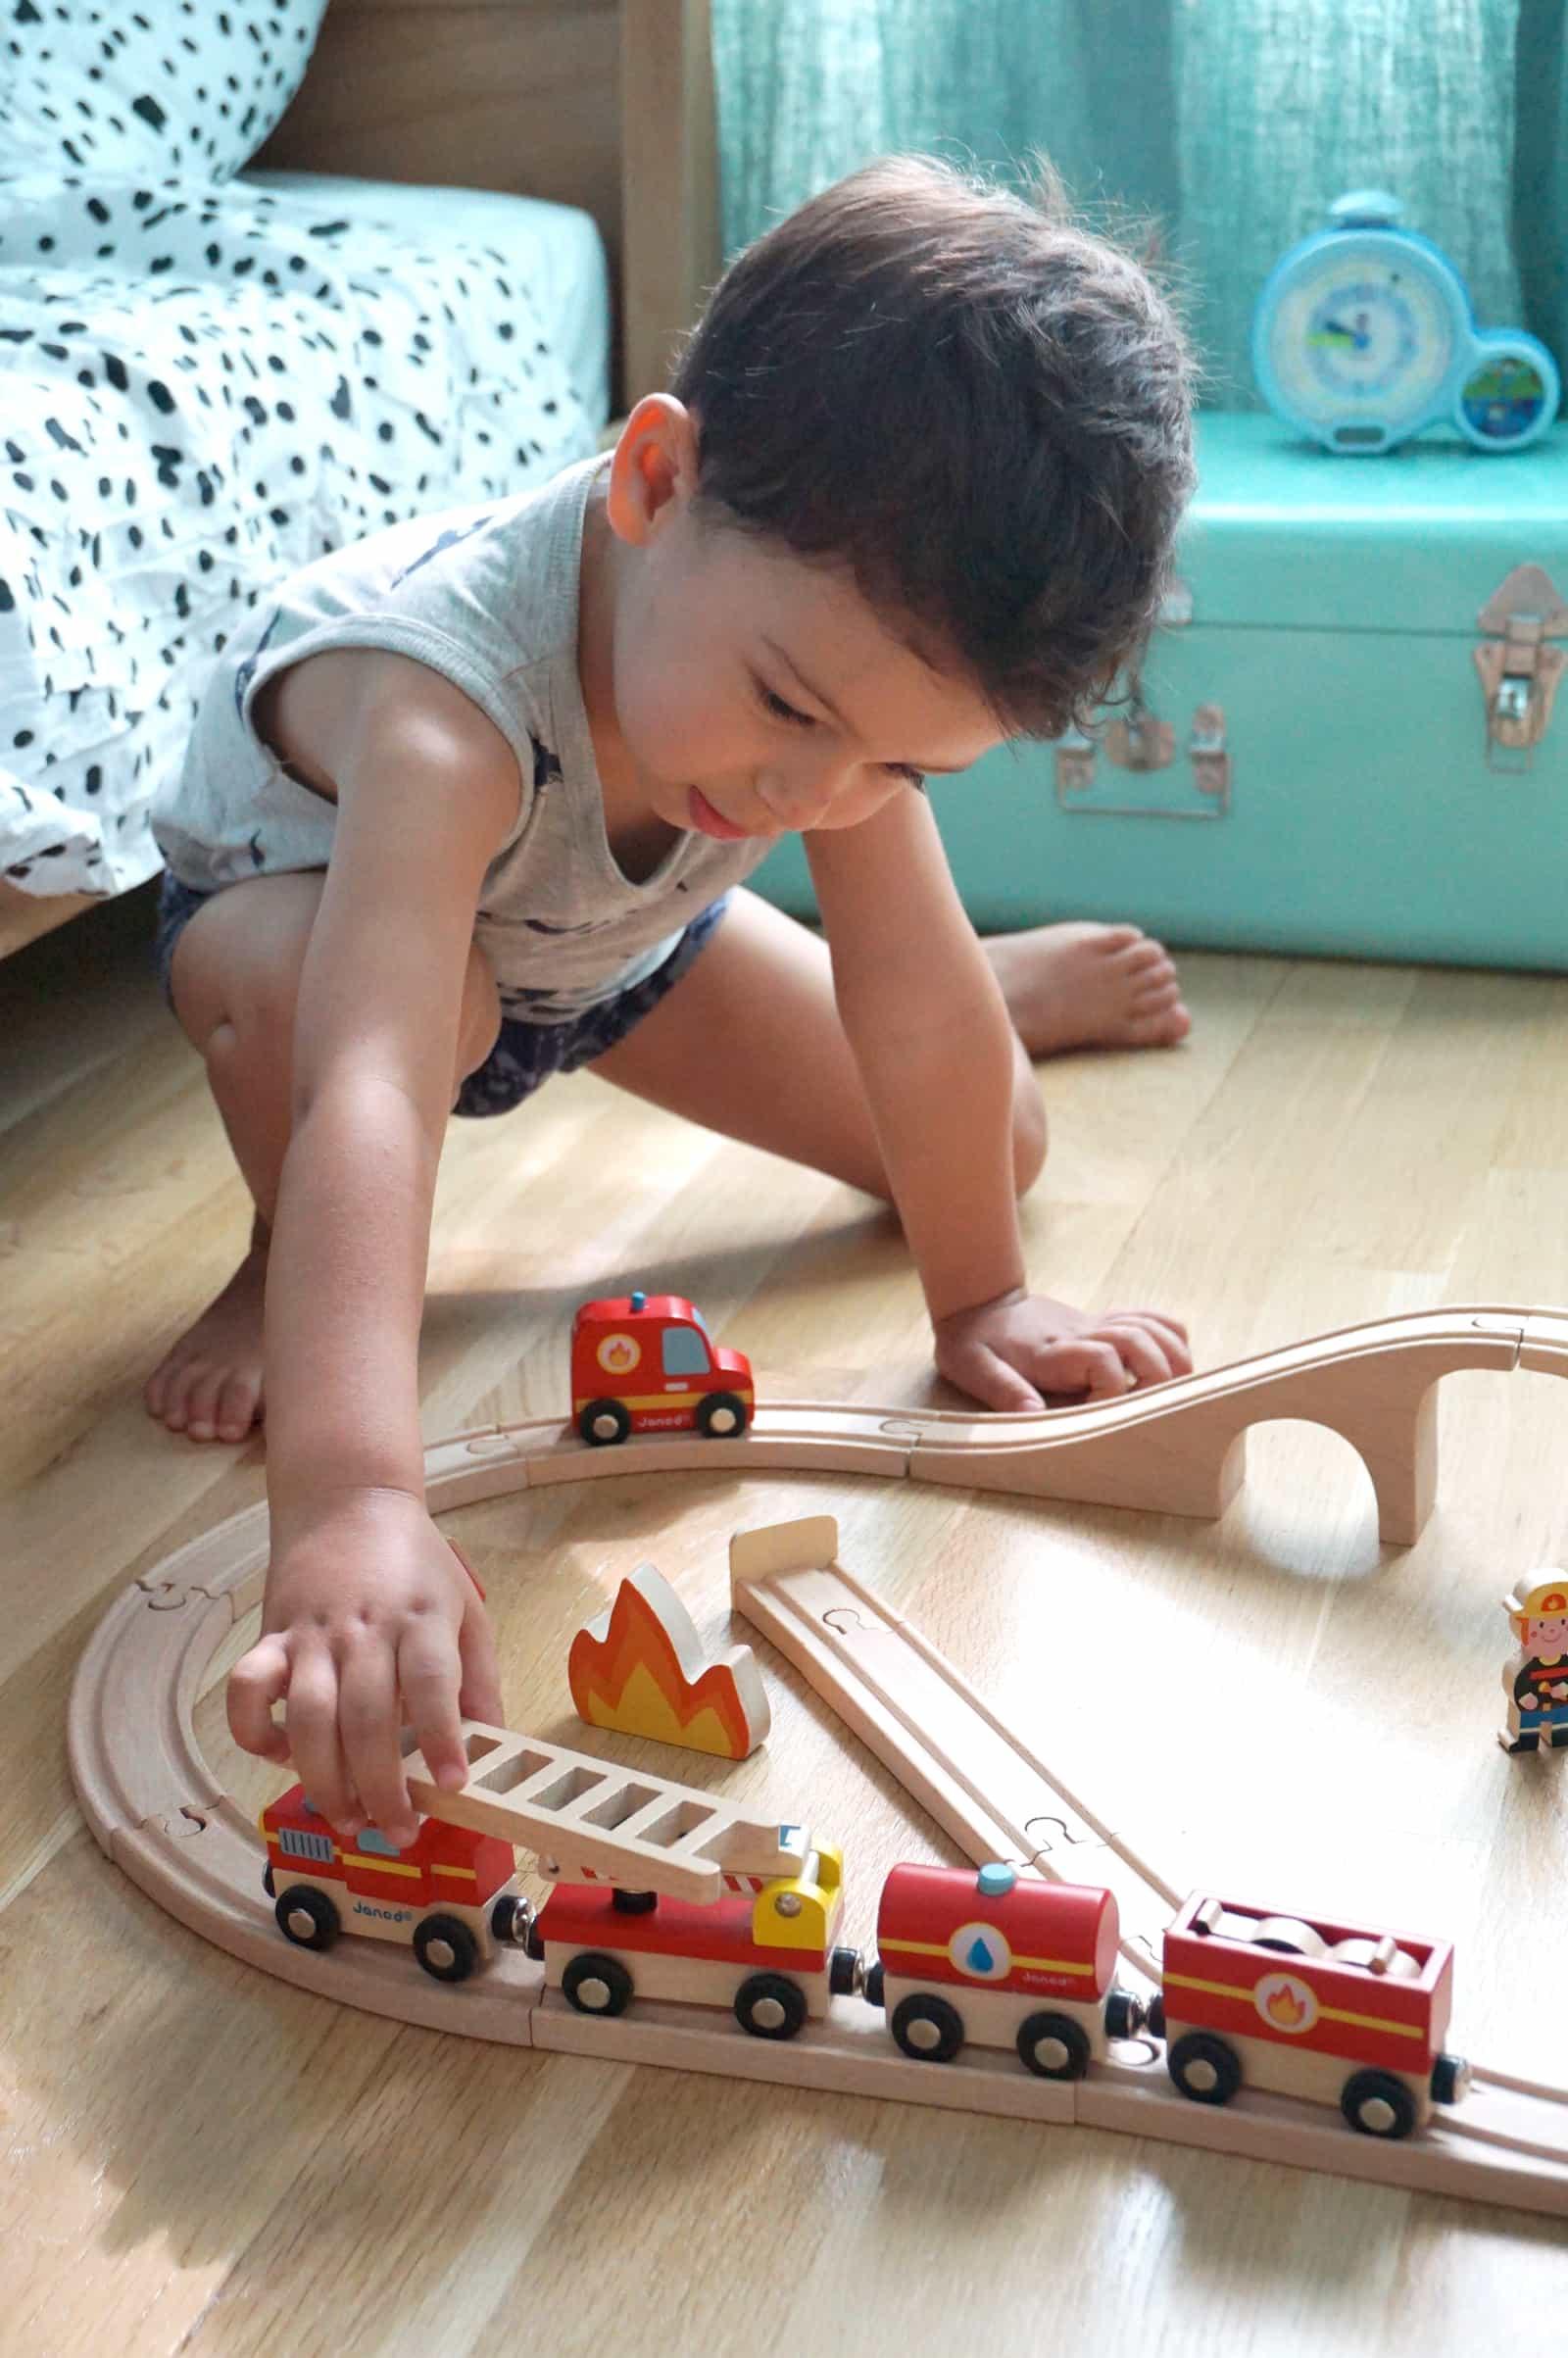 Noah et son petit train en bois Janod